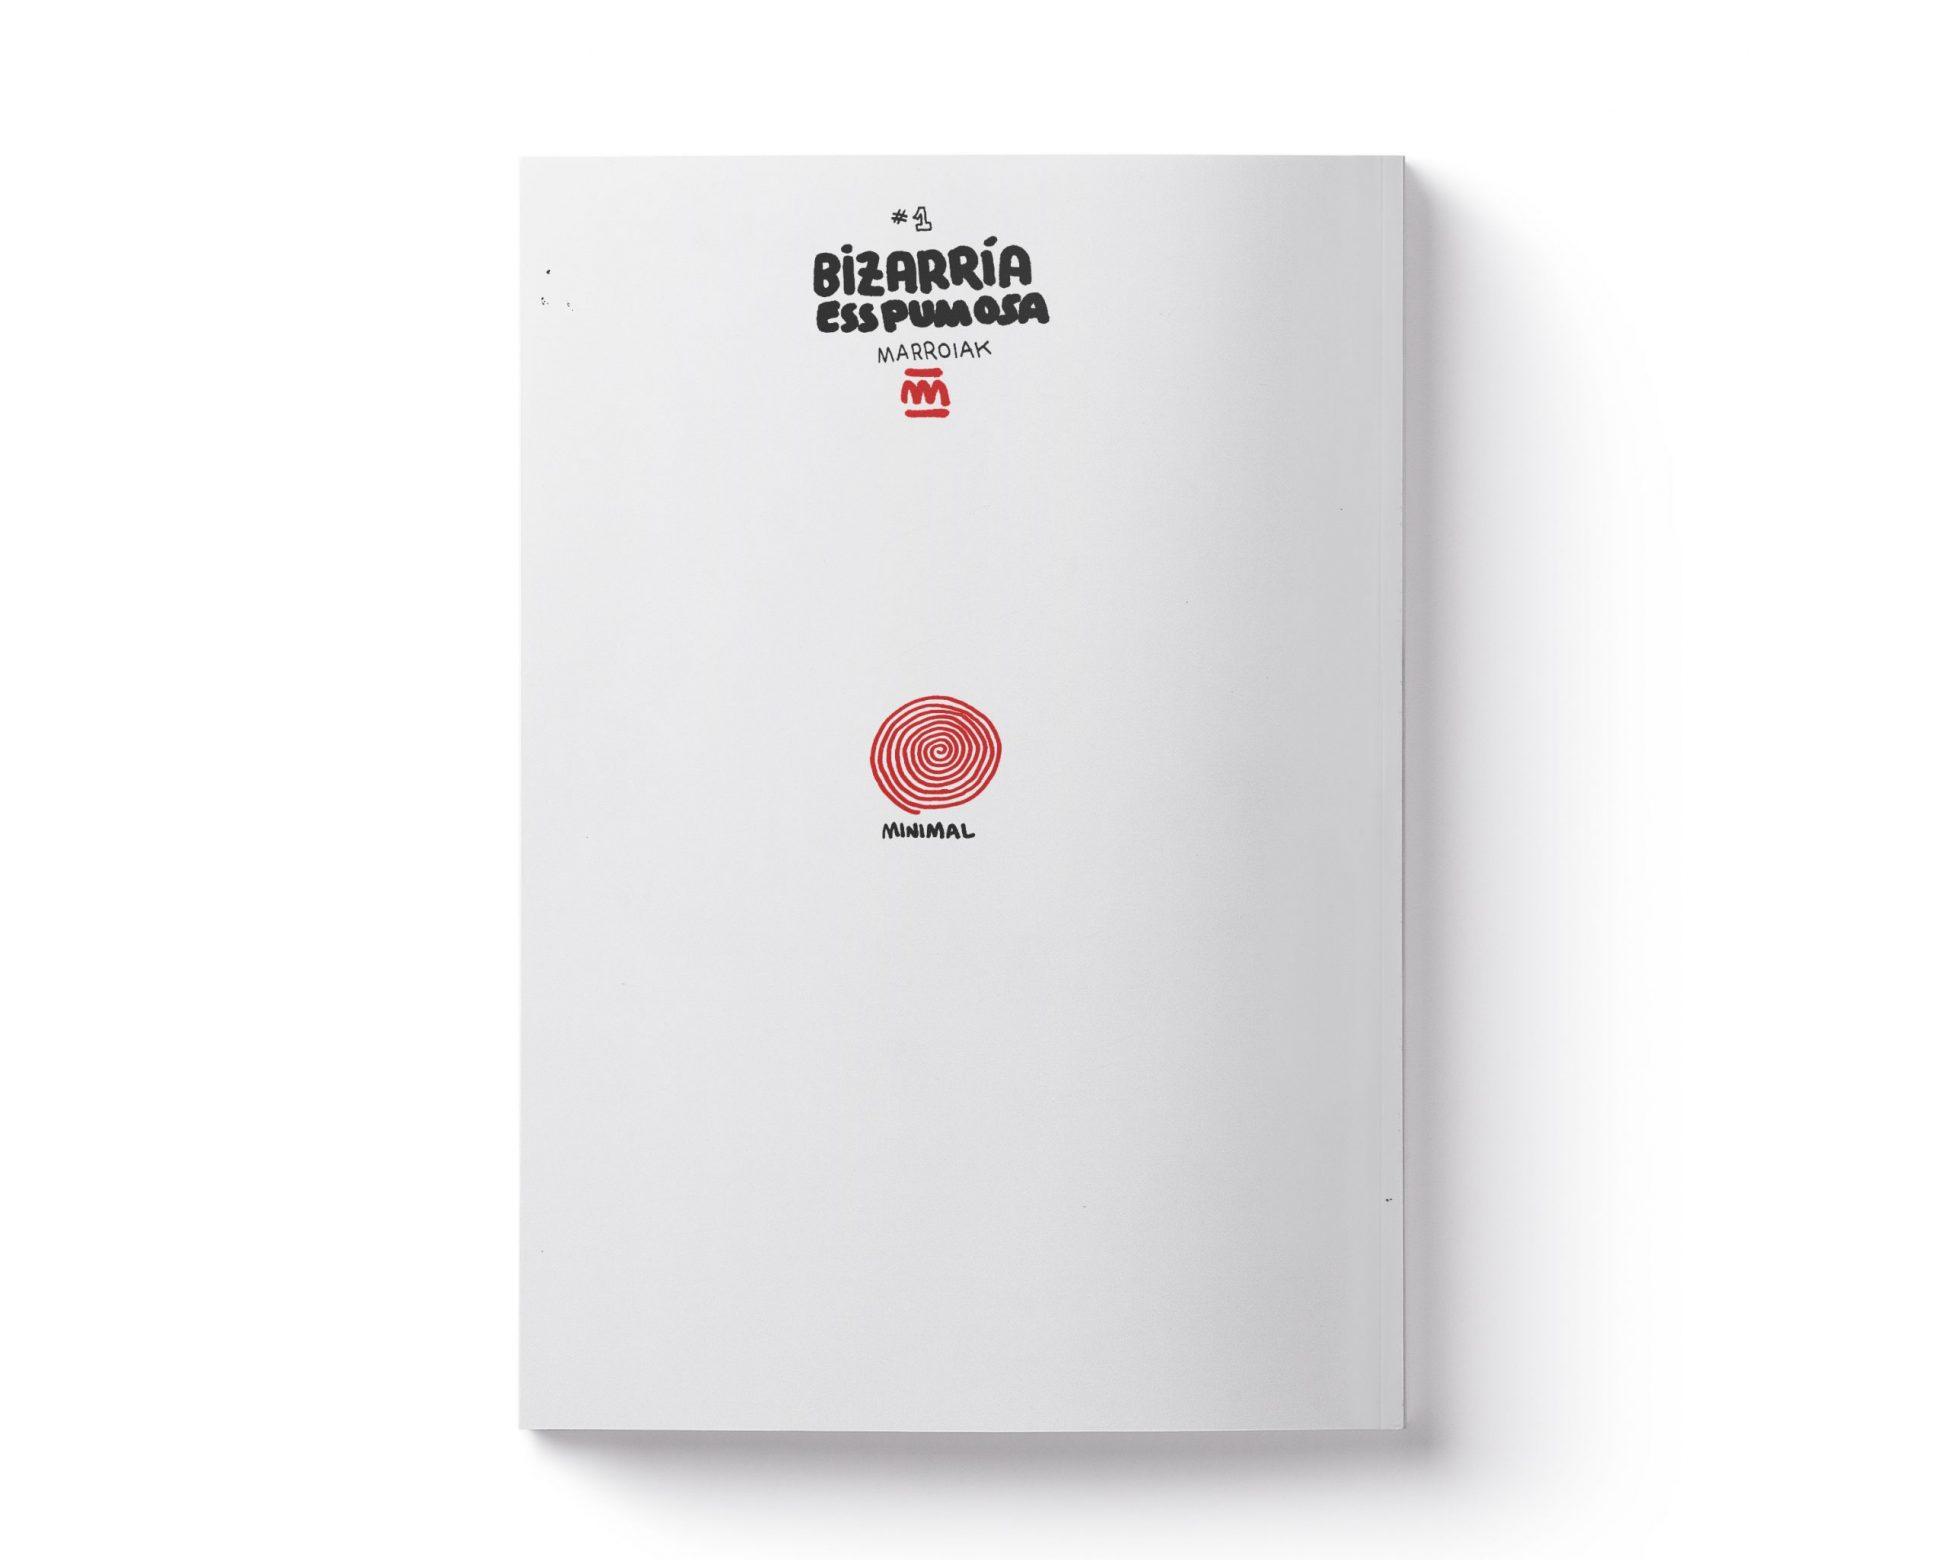 Portada del fanzine experimental de ilustración y arte Bizarria esspumosa. Cuaderno de dibujo y bocetos